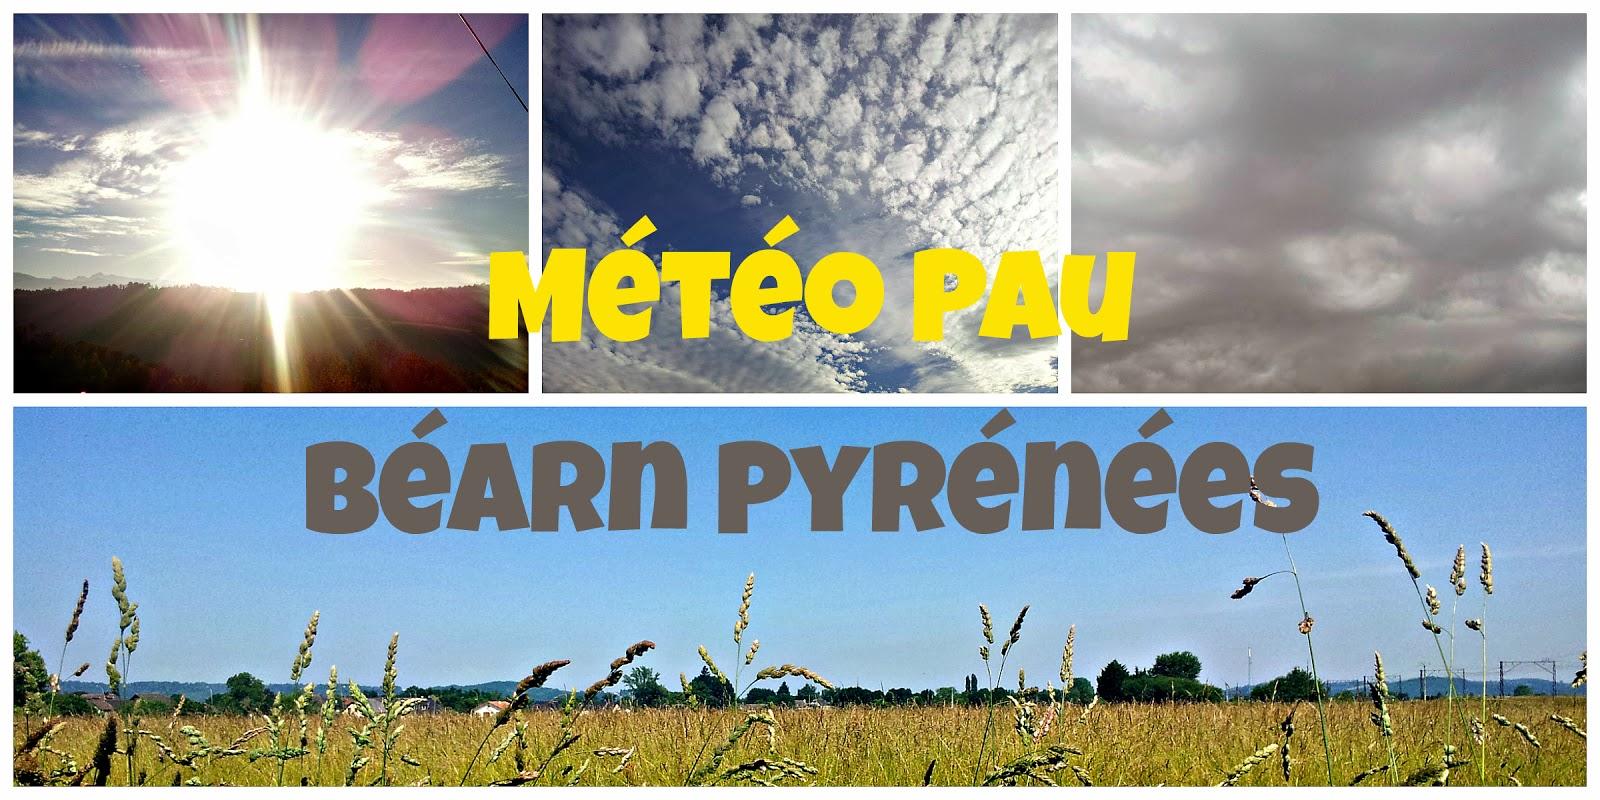 Météo Pau Béarn Pyrénées   votre météo aux pieds des pyrénées